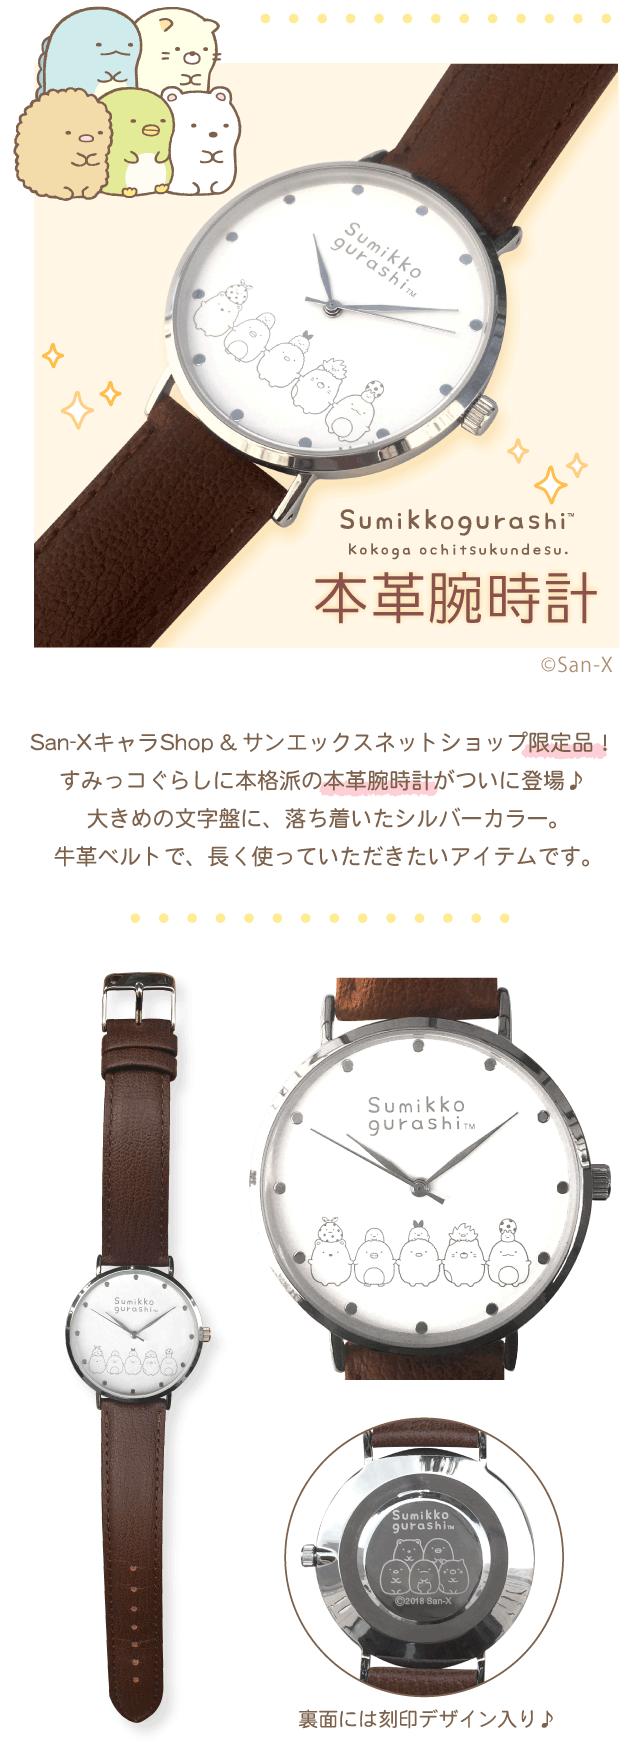 すみっコぐらし本革腕時計